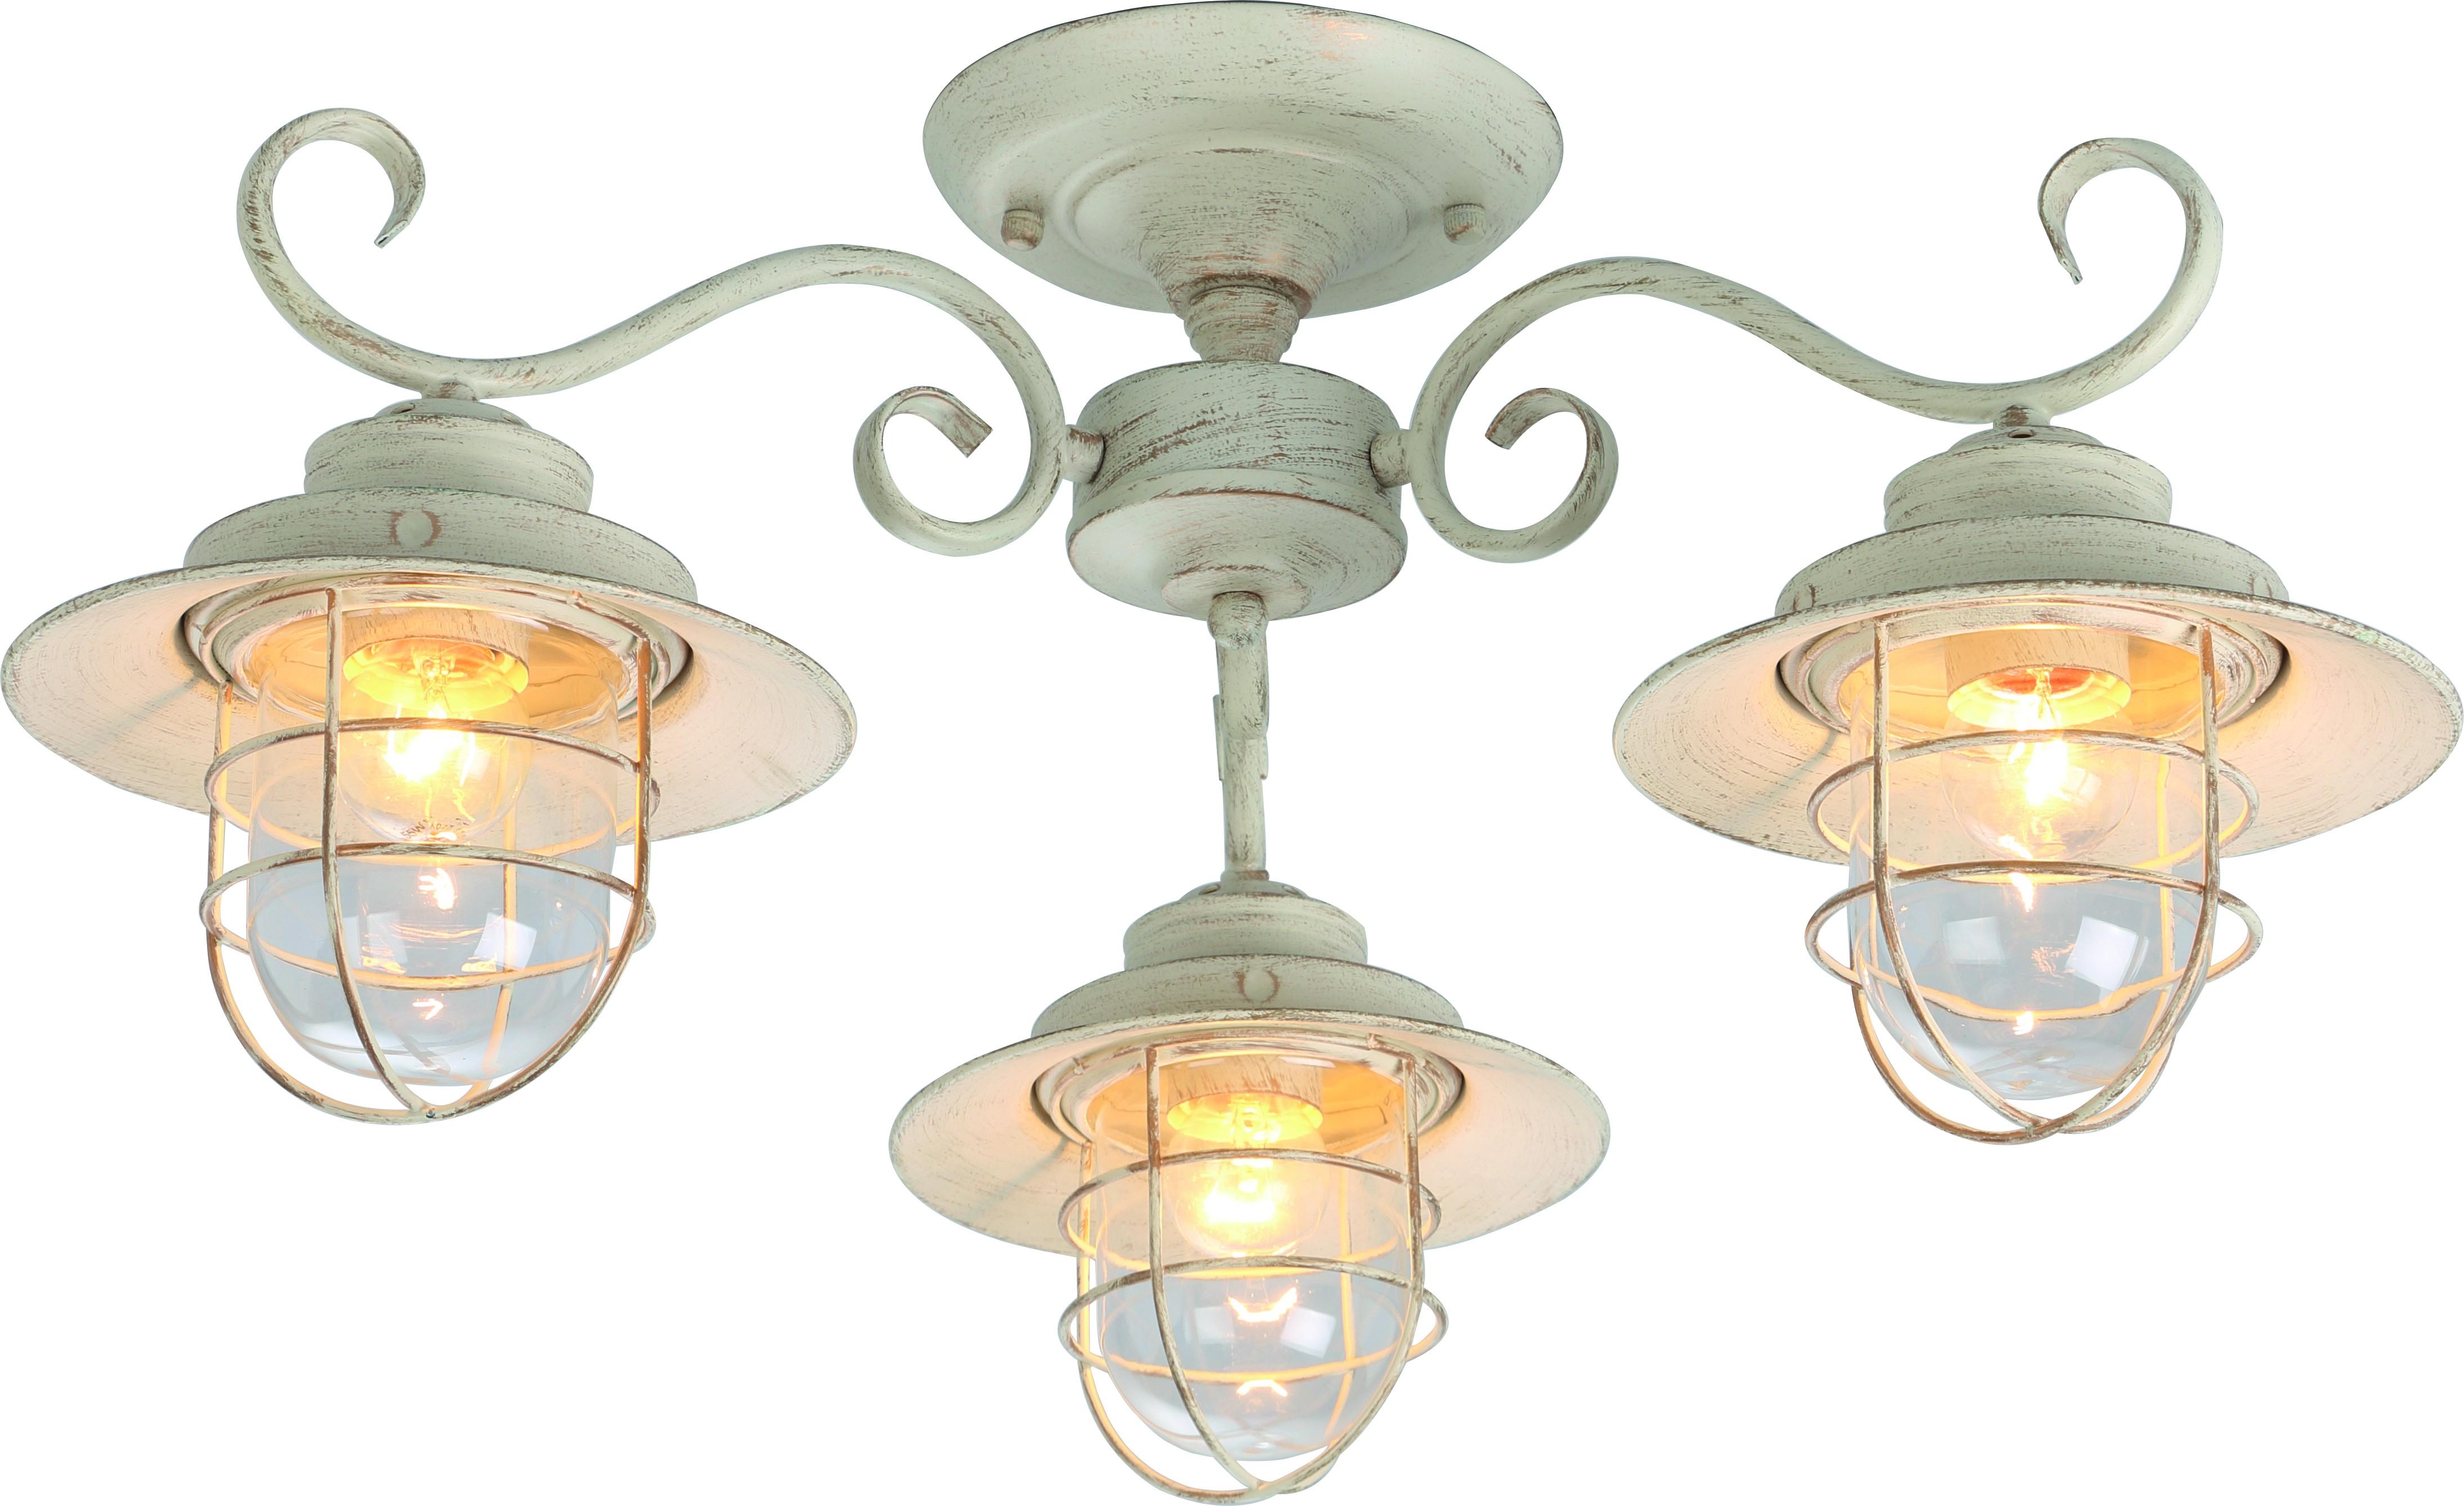 Люстра Arte lamp A4579pl-3wg потолочная люстра arte lamp lanterna a4579pl 3wg